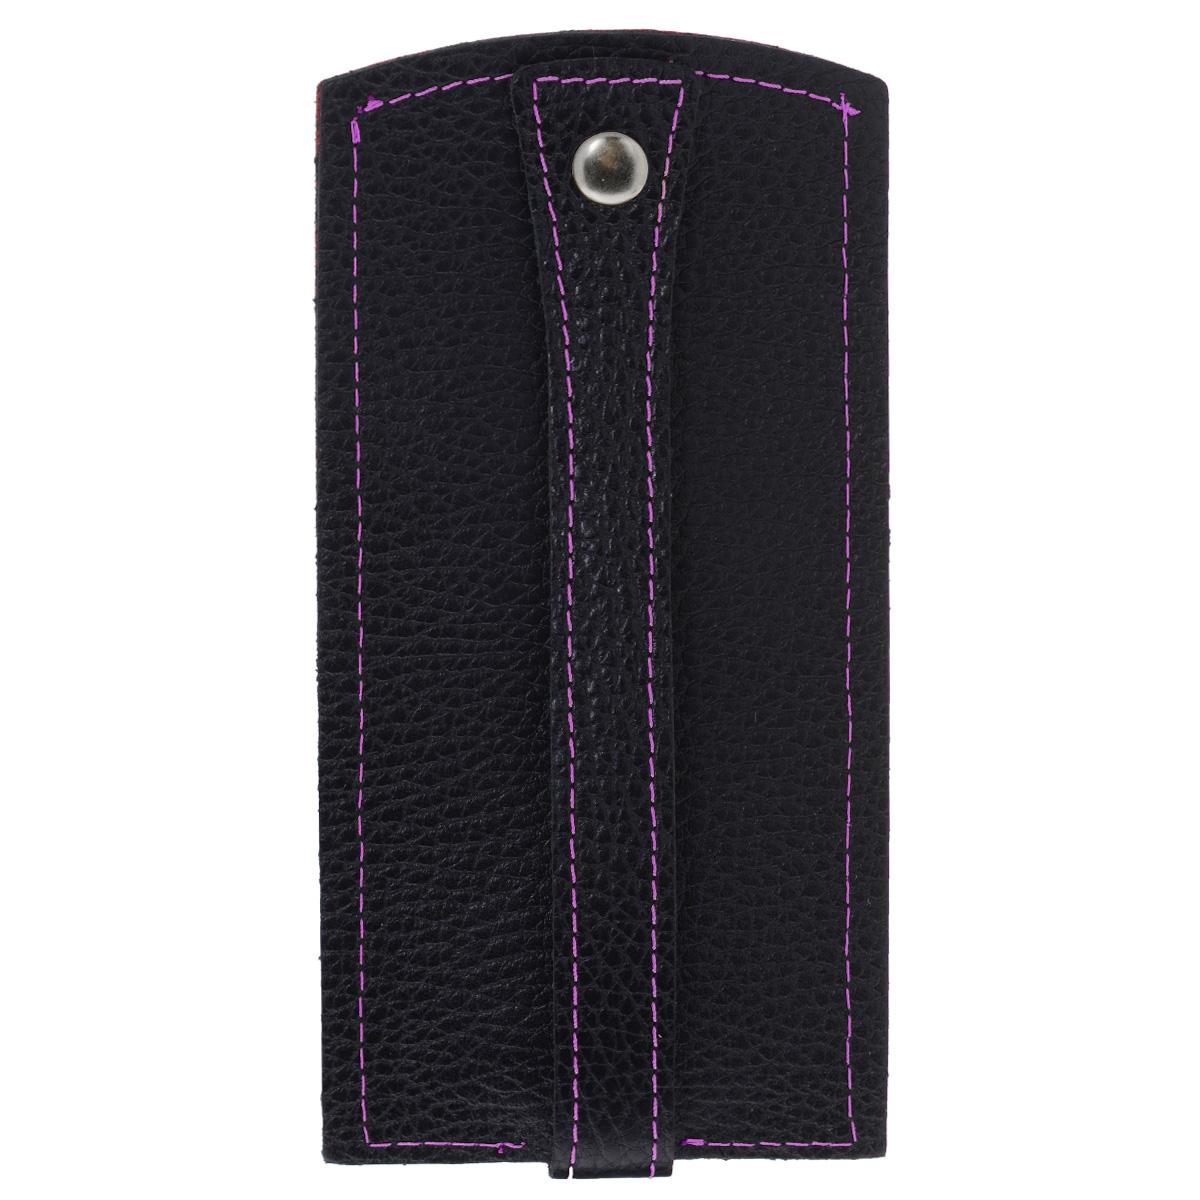 Ключница Dimanche Mumi, цвет: черный, фиолетовый. 056Ажурная брошьИзысканная ключница Dimanche Mumi изготовлена из высококачественной натуральной кожи и декорирована фактурным тиснением. Изделие закрывается хлястиком на кнопку. На нижнем конце хлястика расположено металлическое кольцо для крепления ключей.Ключница упакована в пластиковый чехол.Модная ключница прекрасно дополнит ваш образ и станет незаменимым аксессуаром на каждый день.